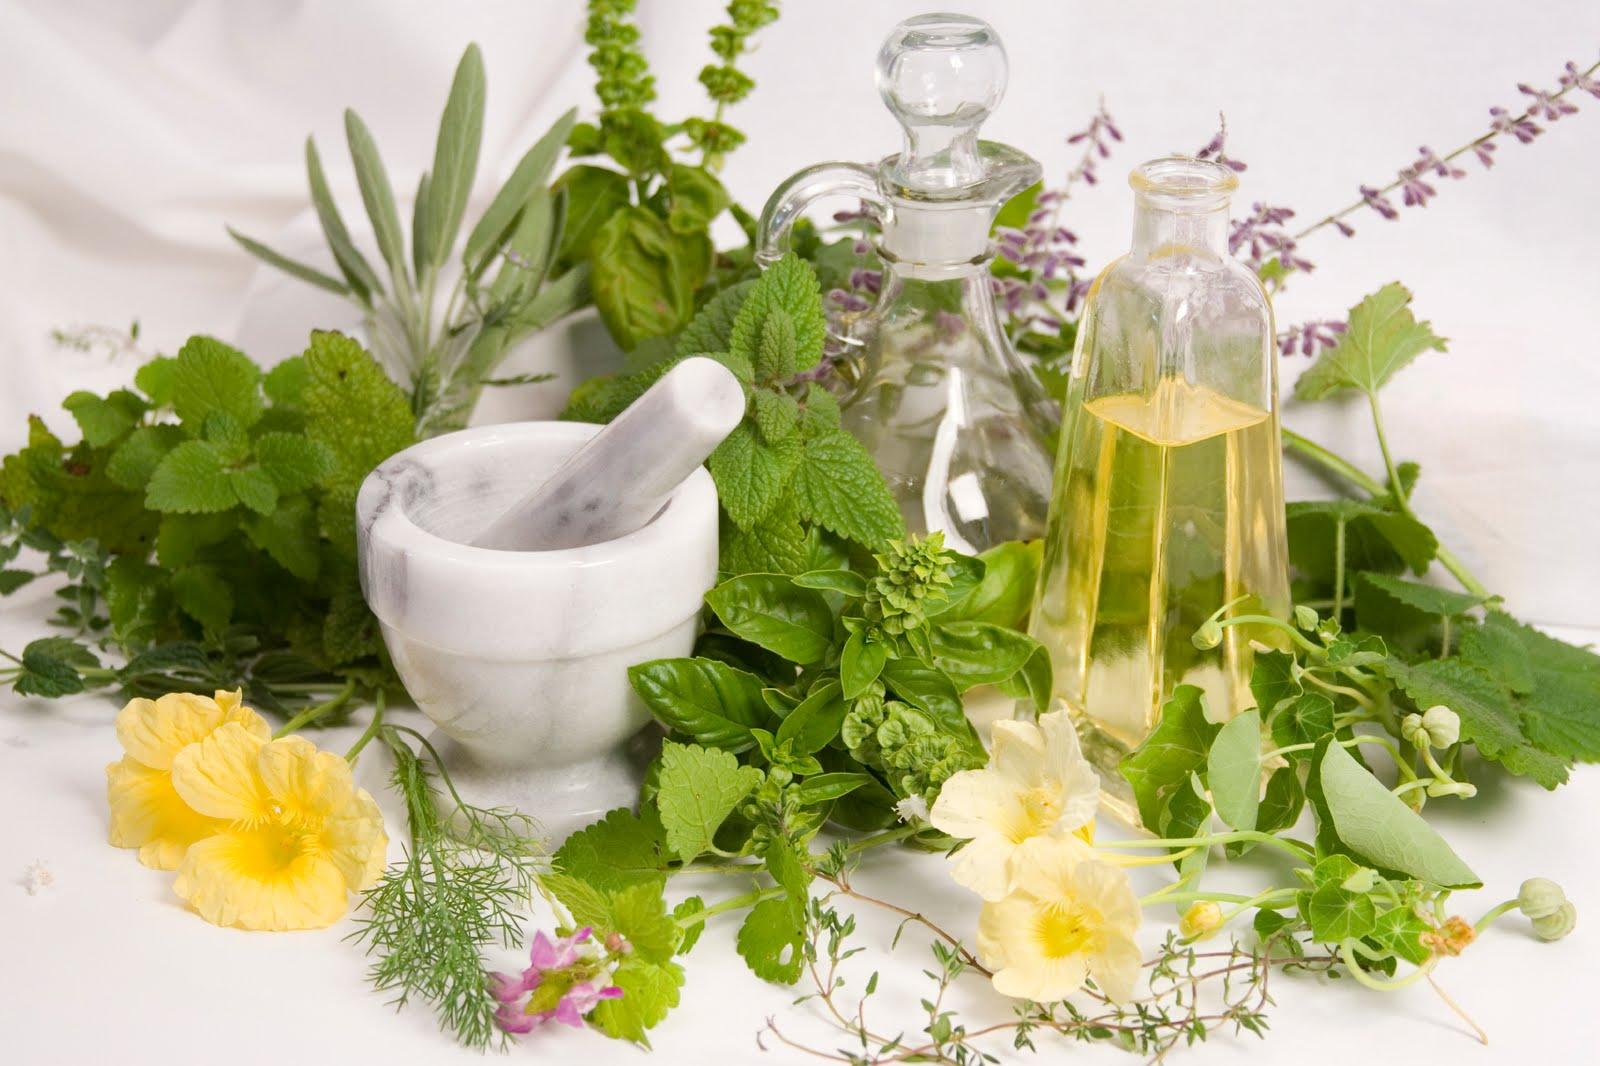 علاج نقص الفيتامينات بالاعشاب